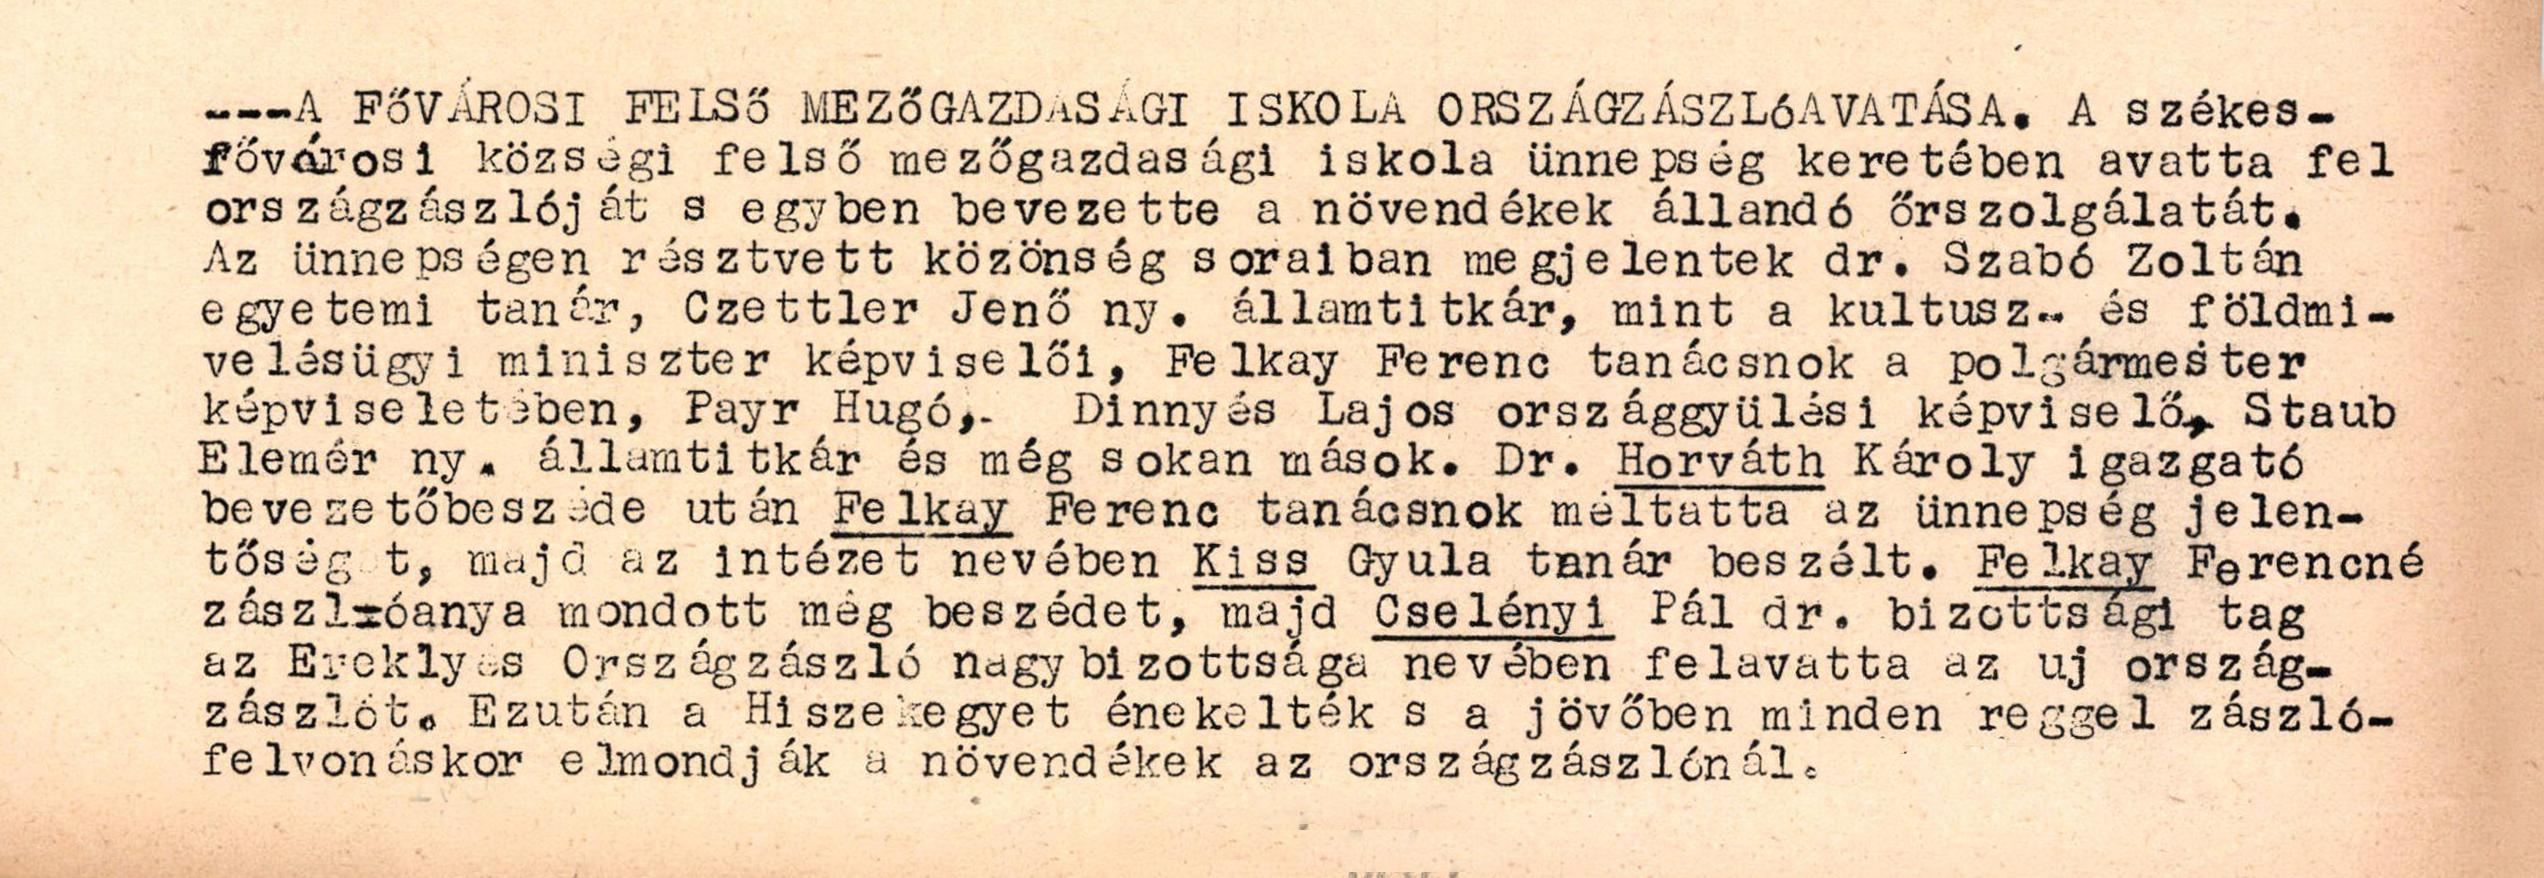 Bp-i Felsőmezőgazdasági Iskola oz.-jának felavatása 1937. október 04. 16.old